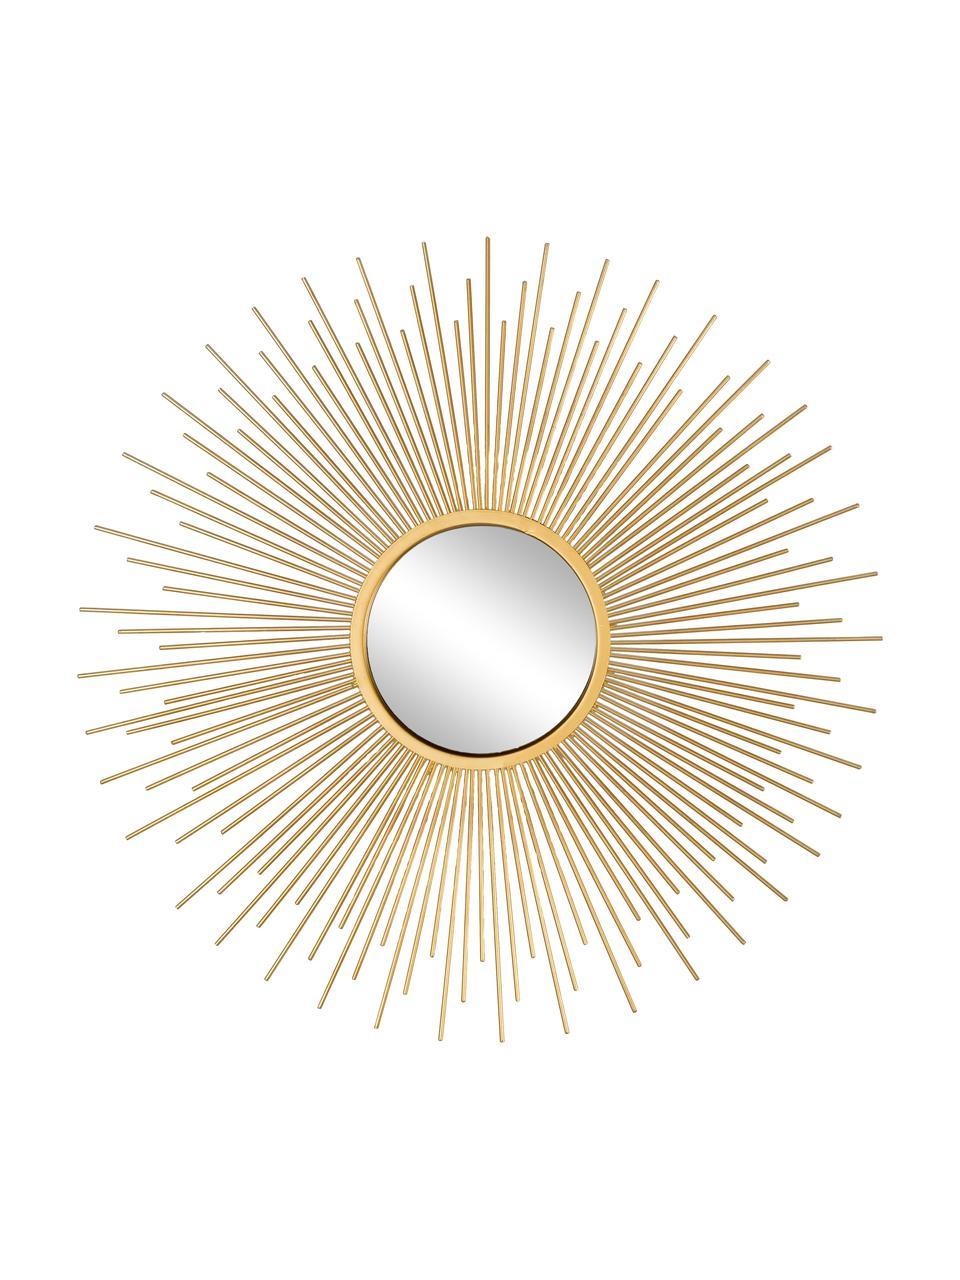 Wandspiegelsset Sun met goudkleurige lijst, 3-tlg, Lijst: gecoat aluminium, Goudkleurig, Set met verschillende formaten